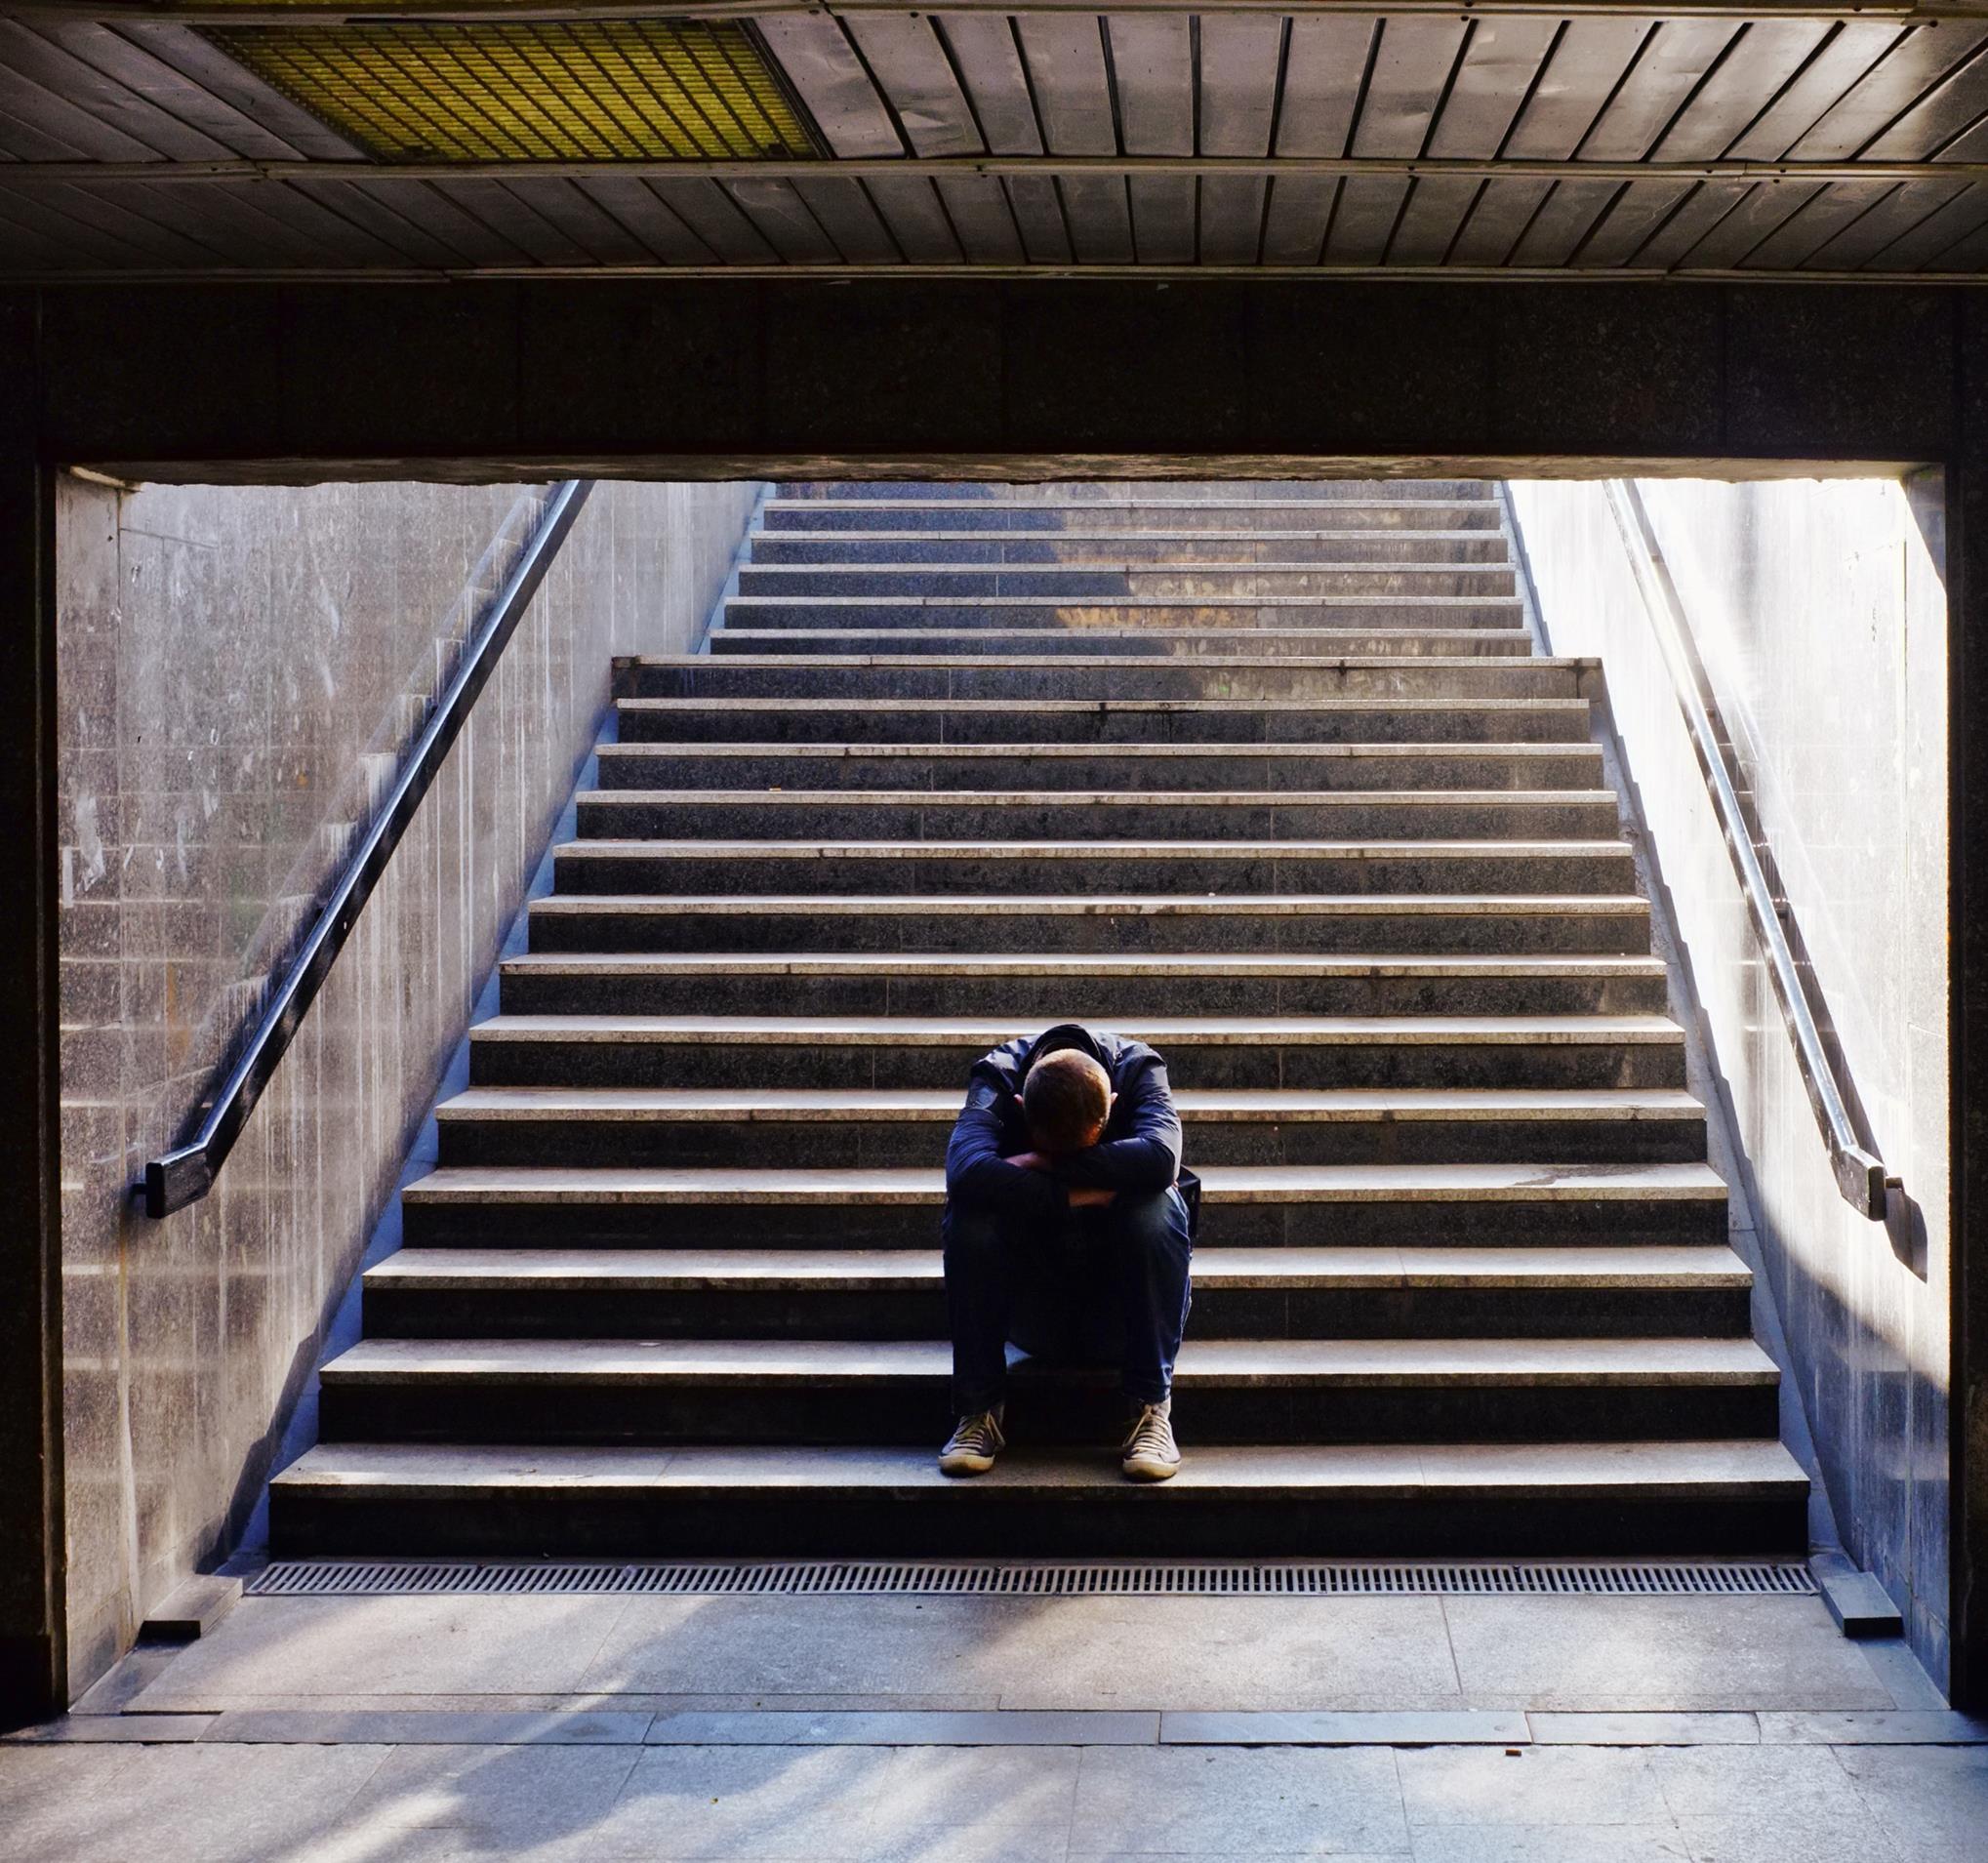 Jak odróżnić depresję od buntu i pomóc swojemu dziecku? - Zdjęcie główne